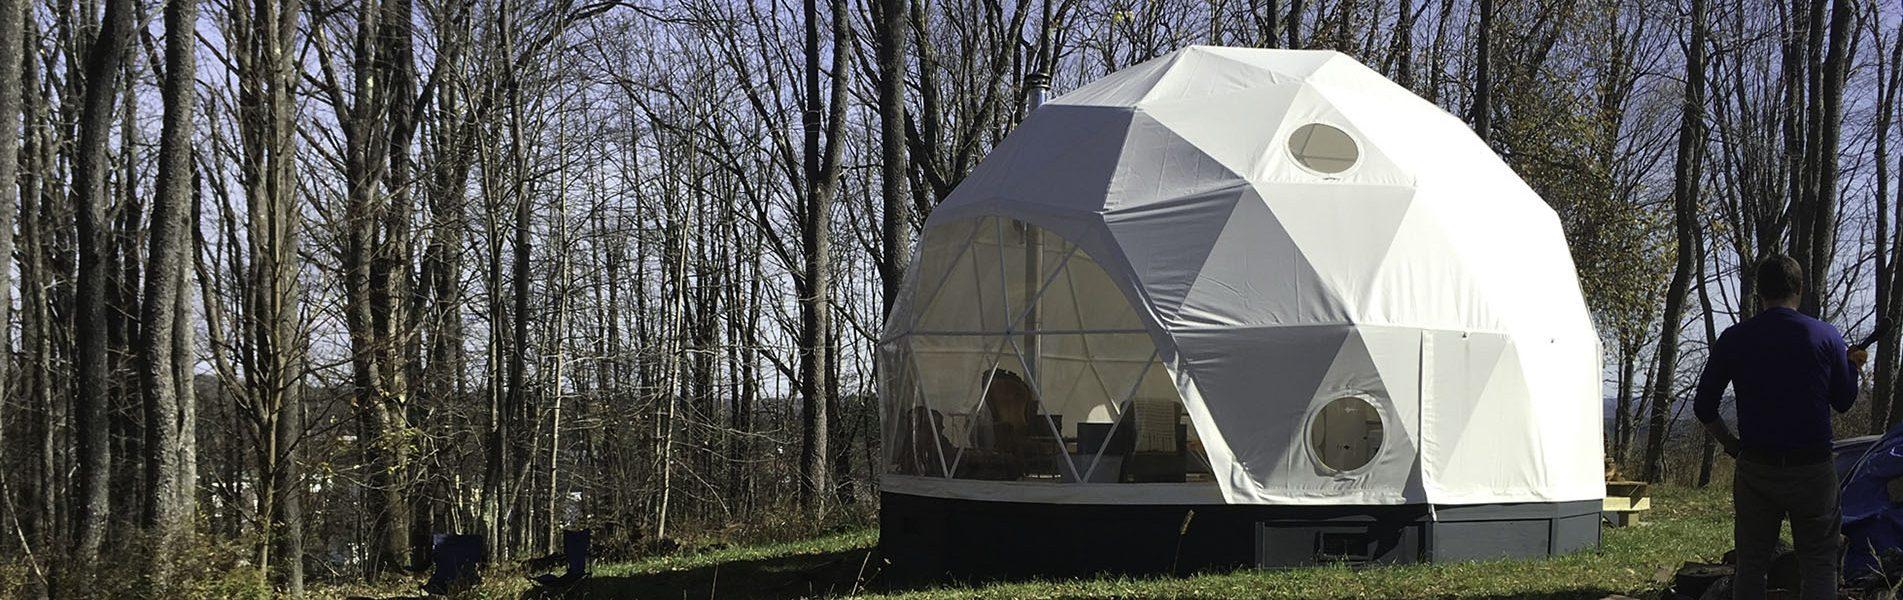 Geodatischen Kuppel Pavillon Zelte Zelte Fur Verkauf Mit Niedrigem